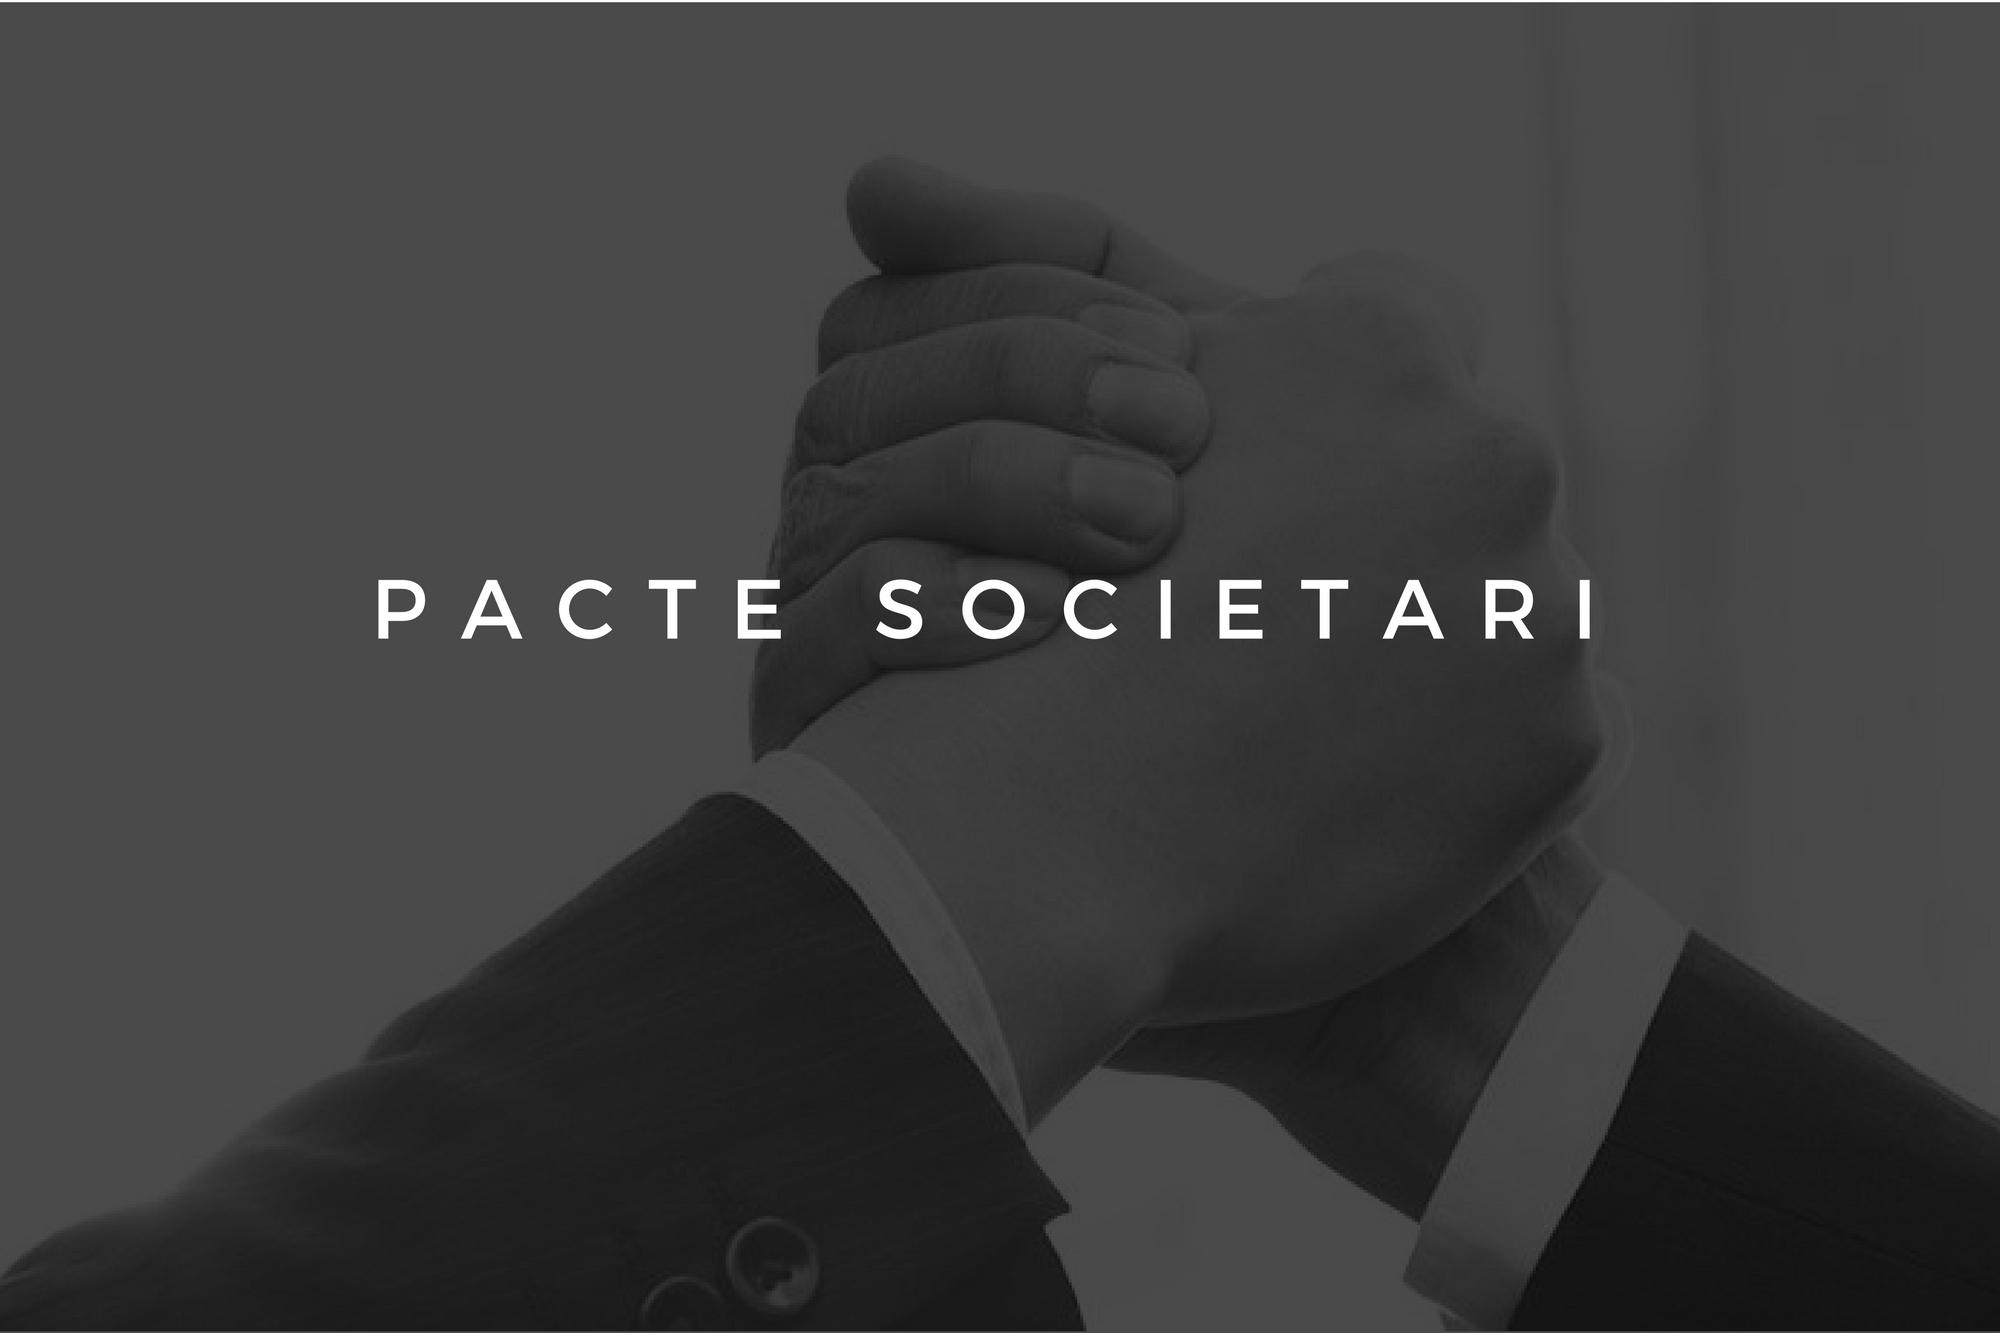 Conflictes Entre Socis, Avantatges Del Pacte Societari